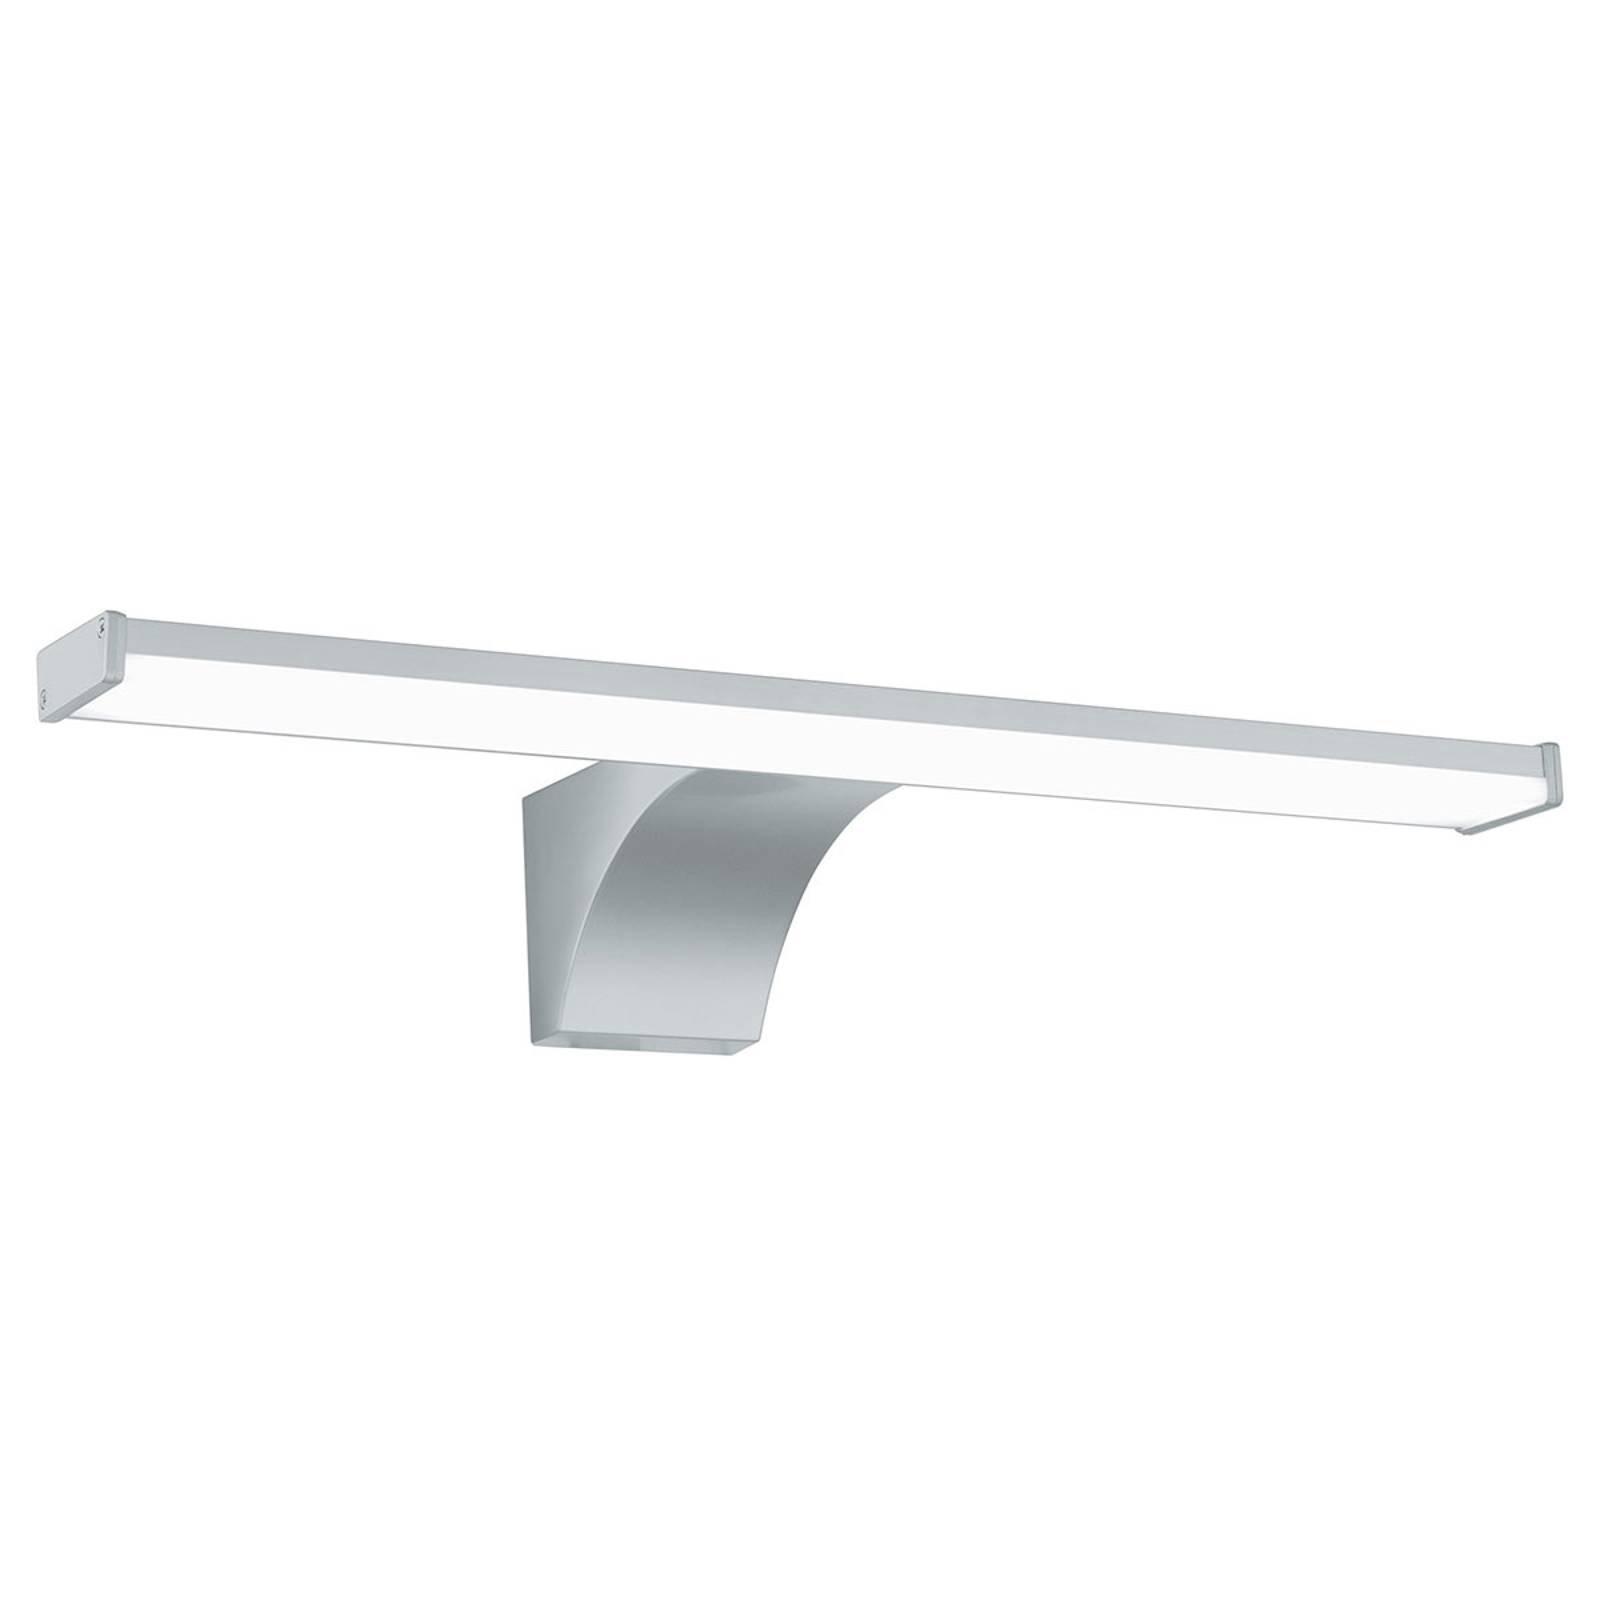 LED-speillampe Pandella 2 IP44